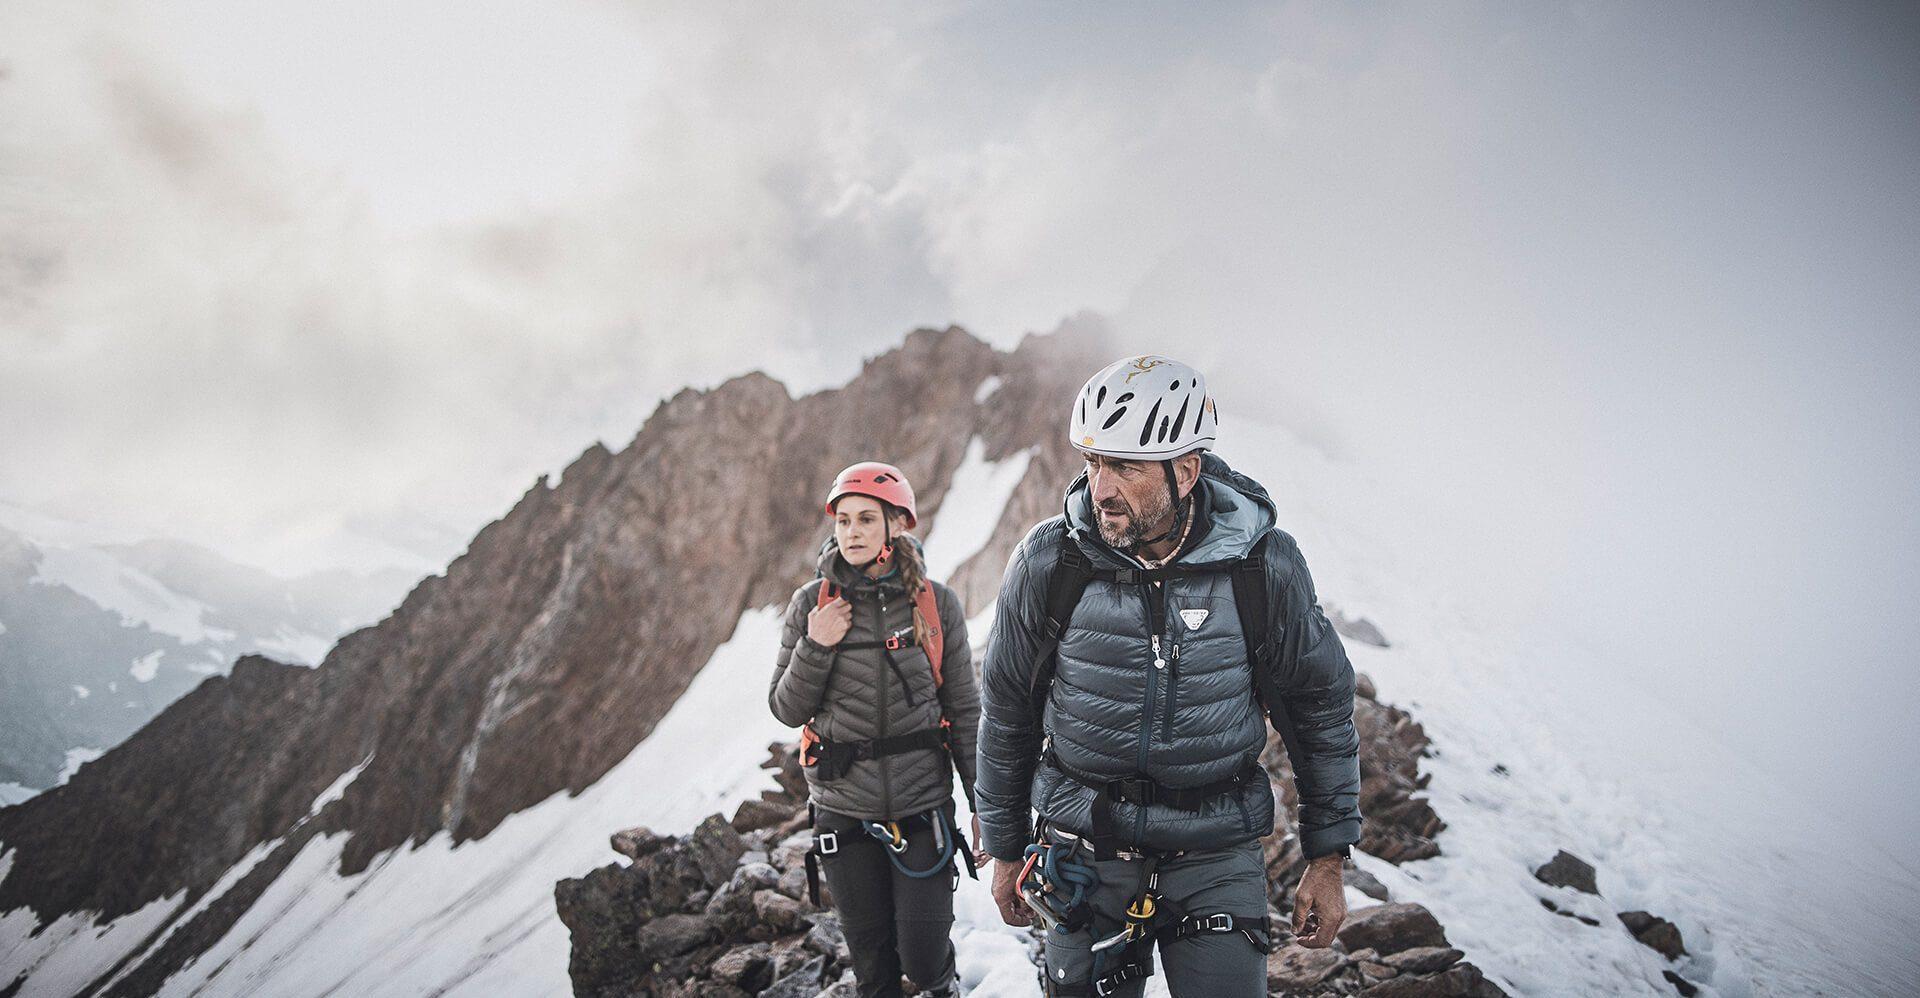 Bergsteiger auf schneebedeckten Gipfeln